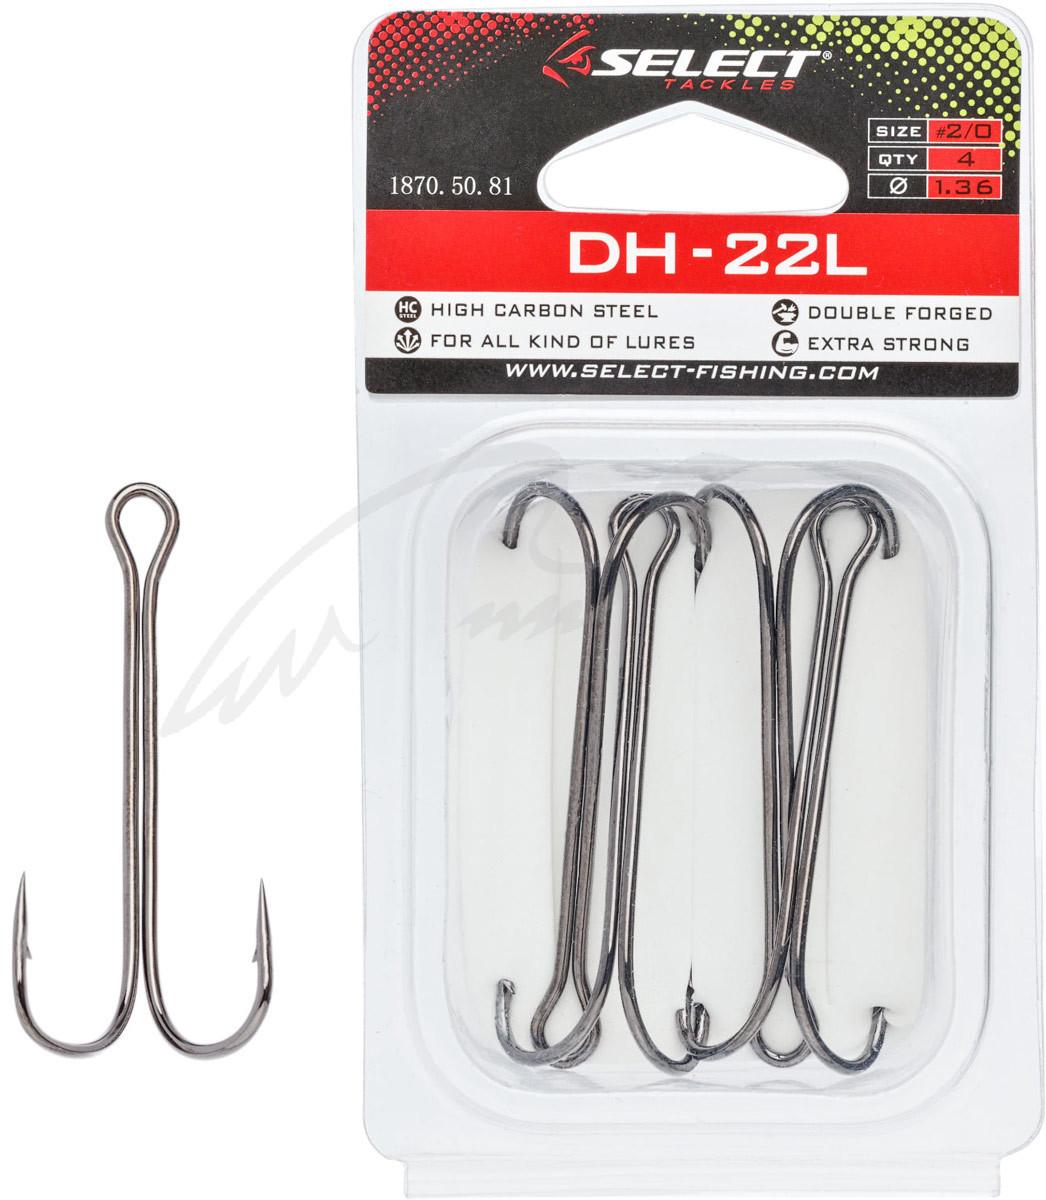 Двійник Select DH-22L #1 (4 шт/уп)